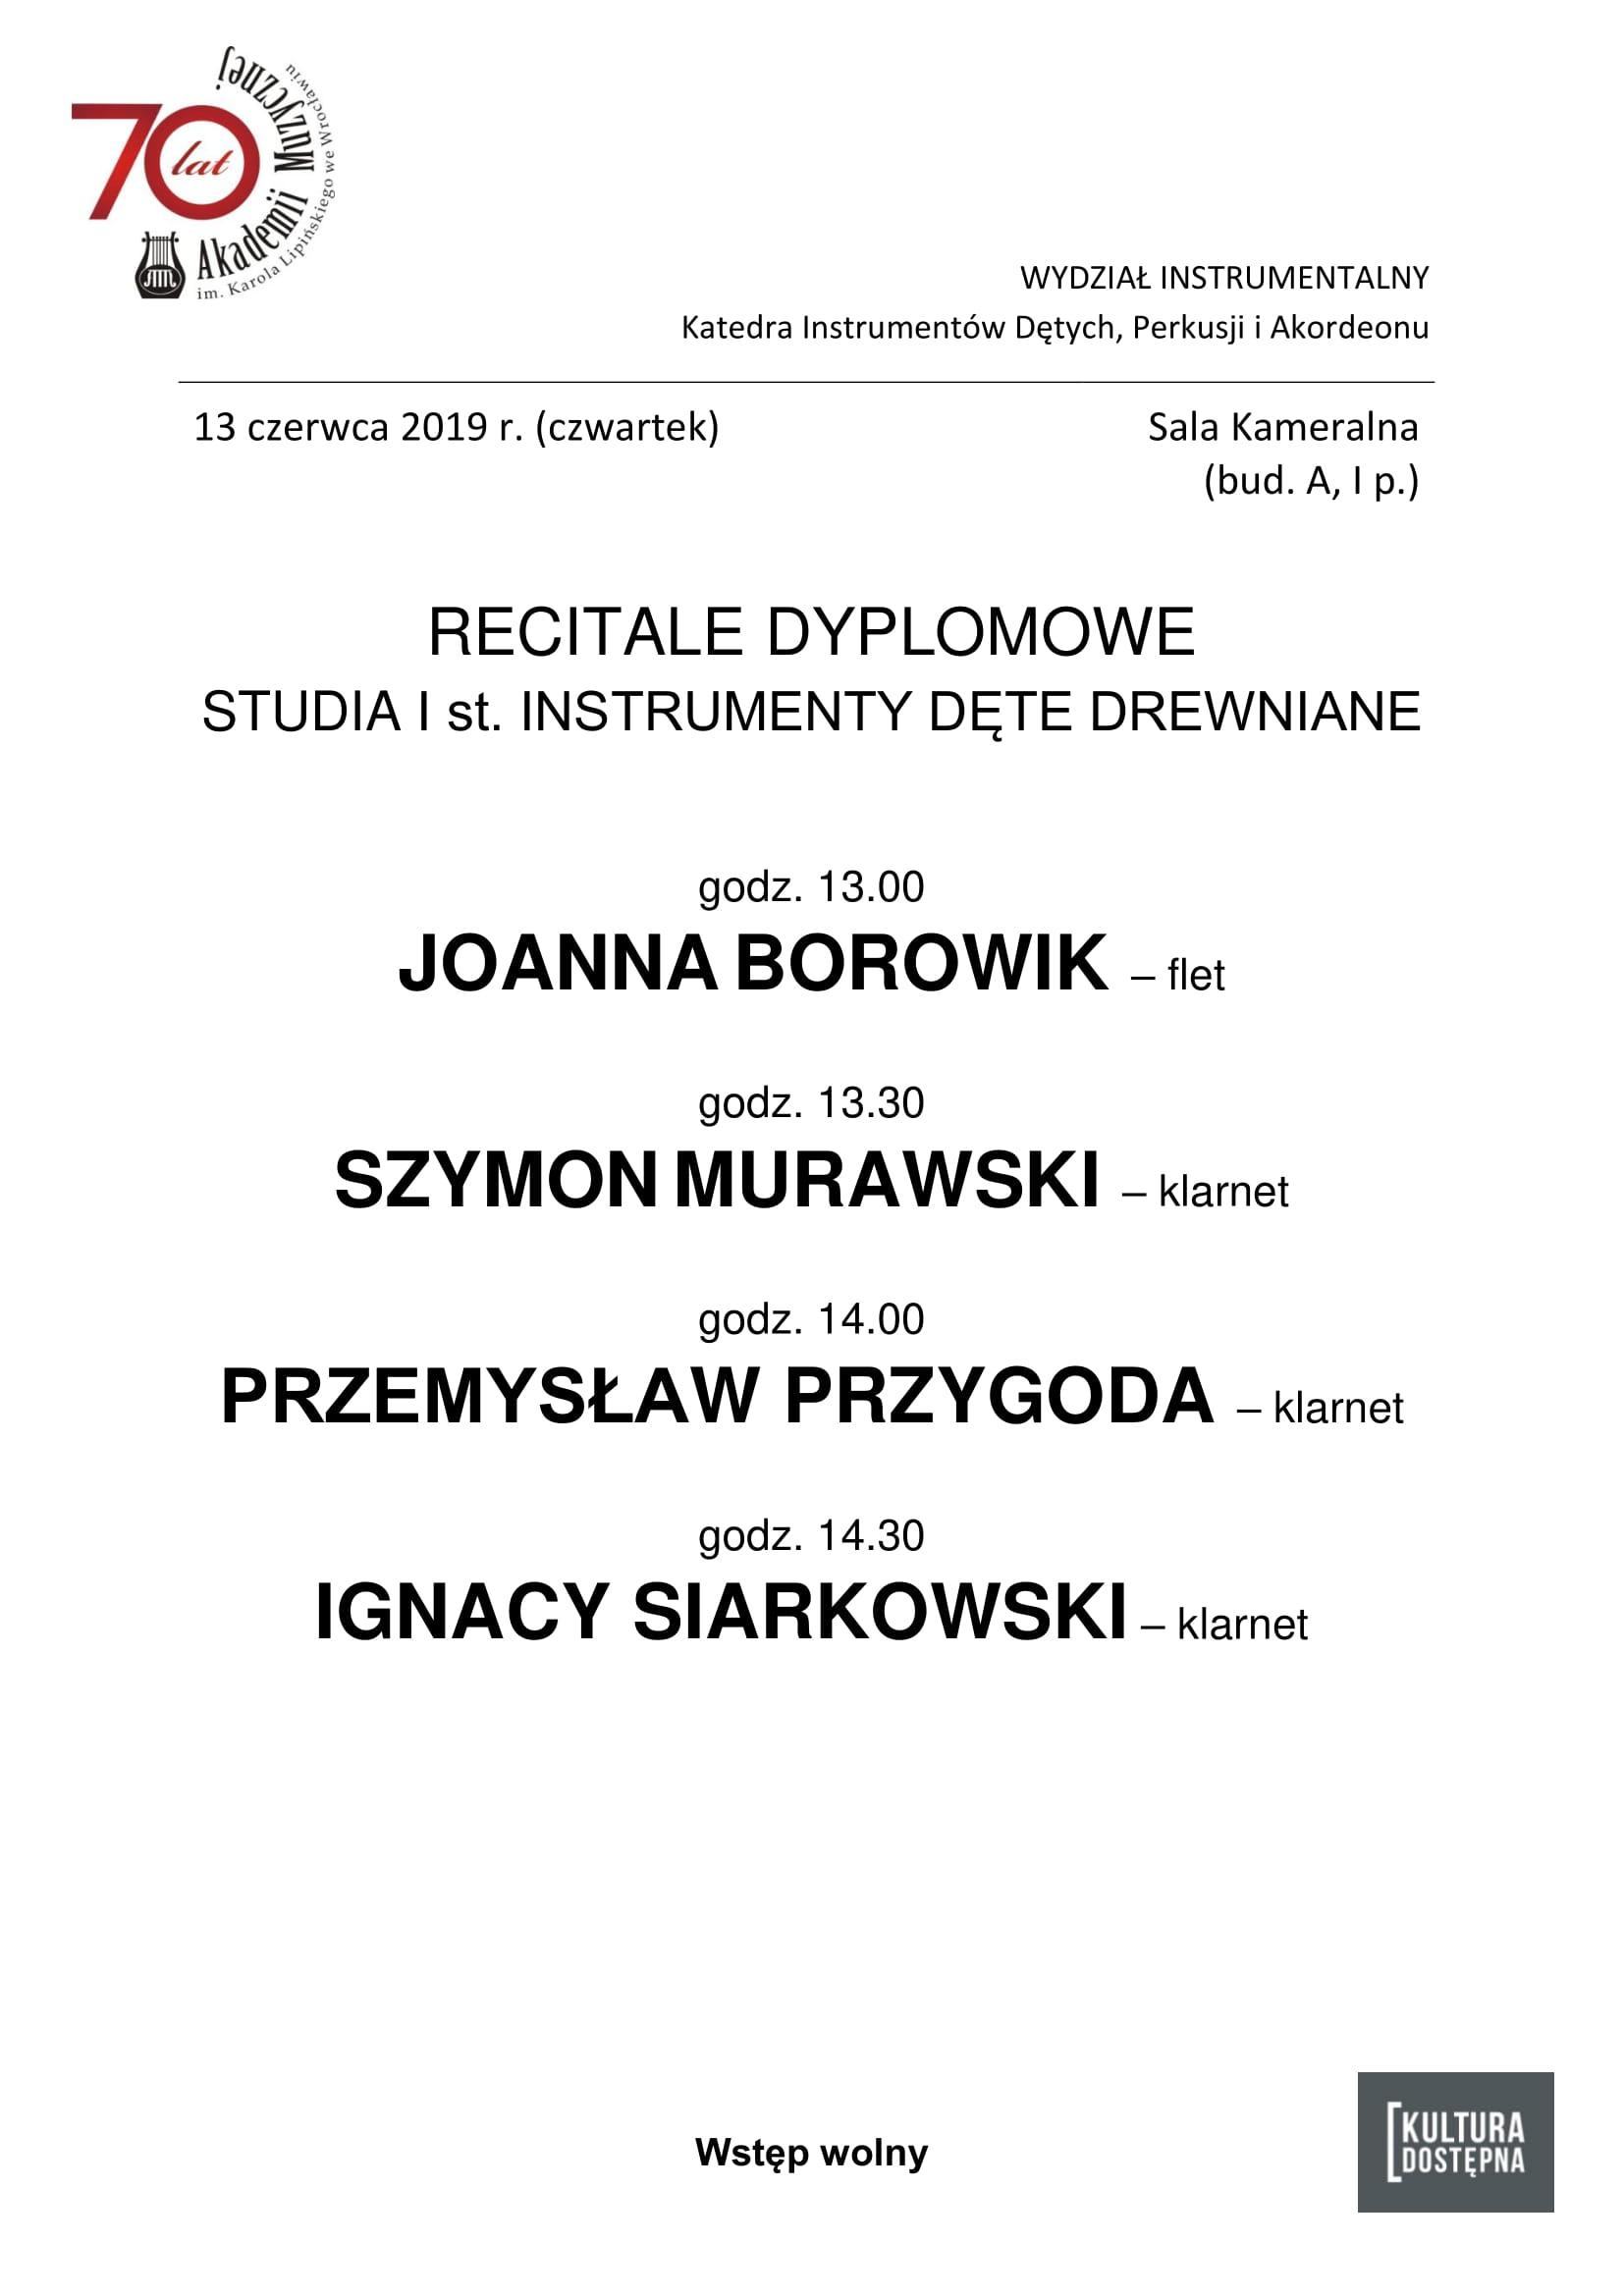 Recitale dyplomowe - studia I stopnia Instrumenty Dęte Drewniane